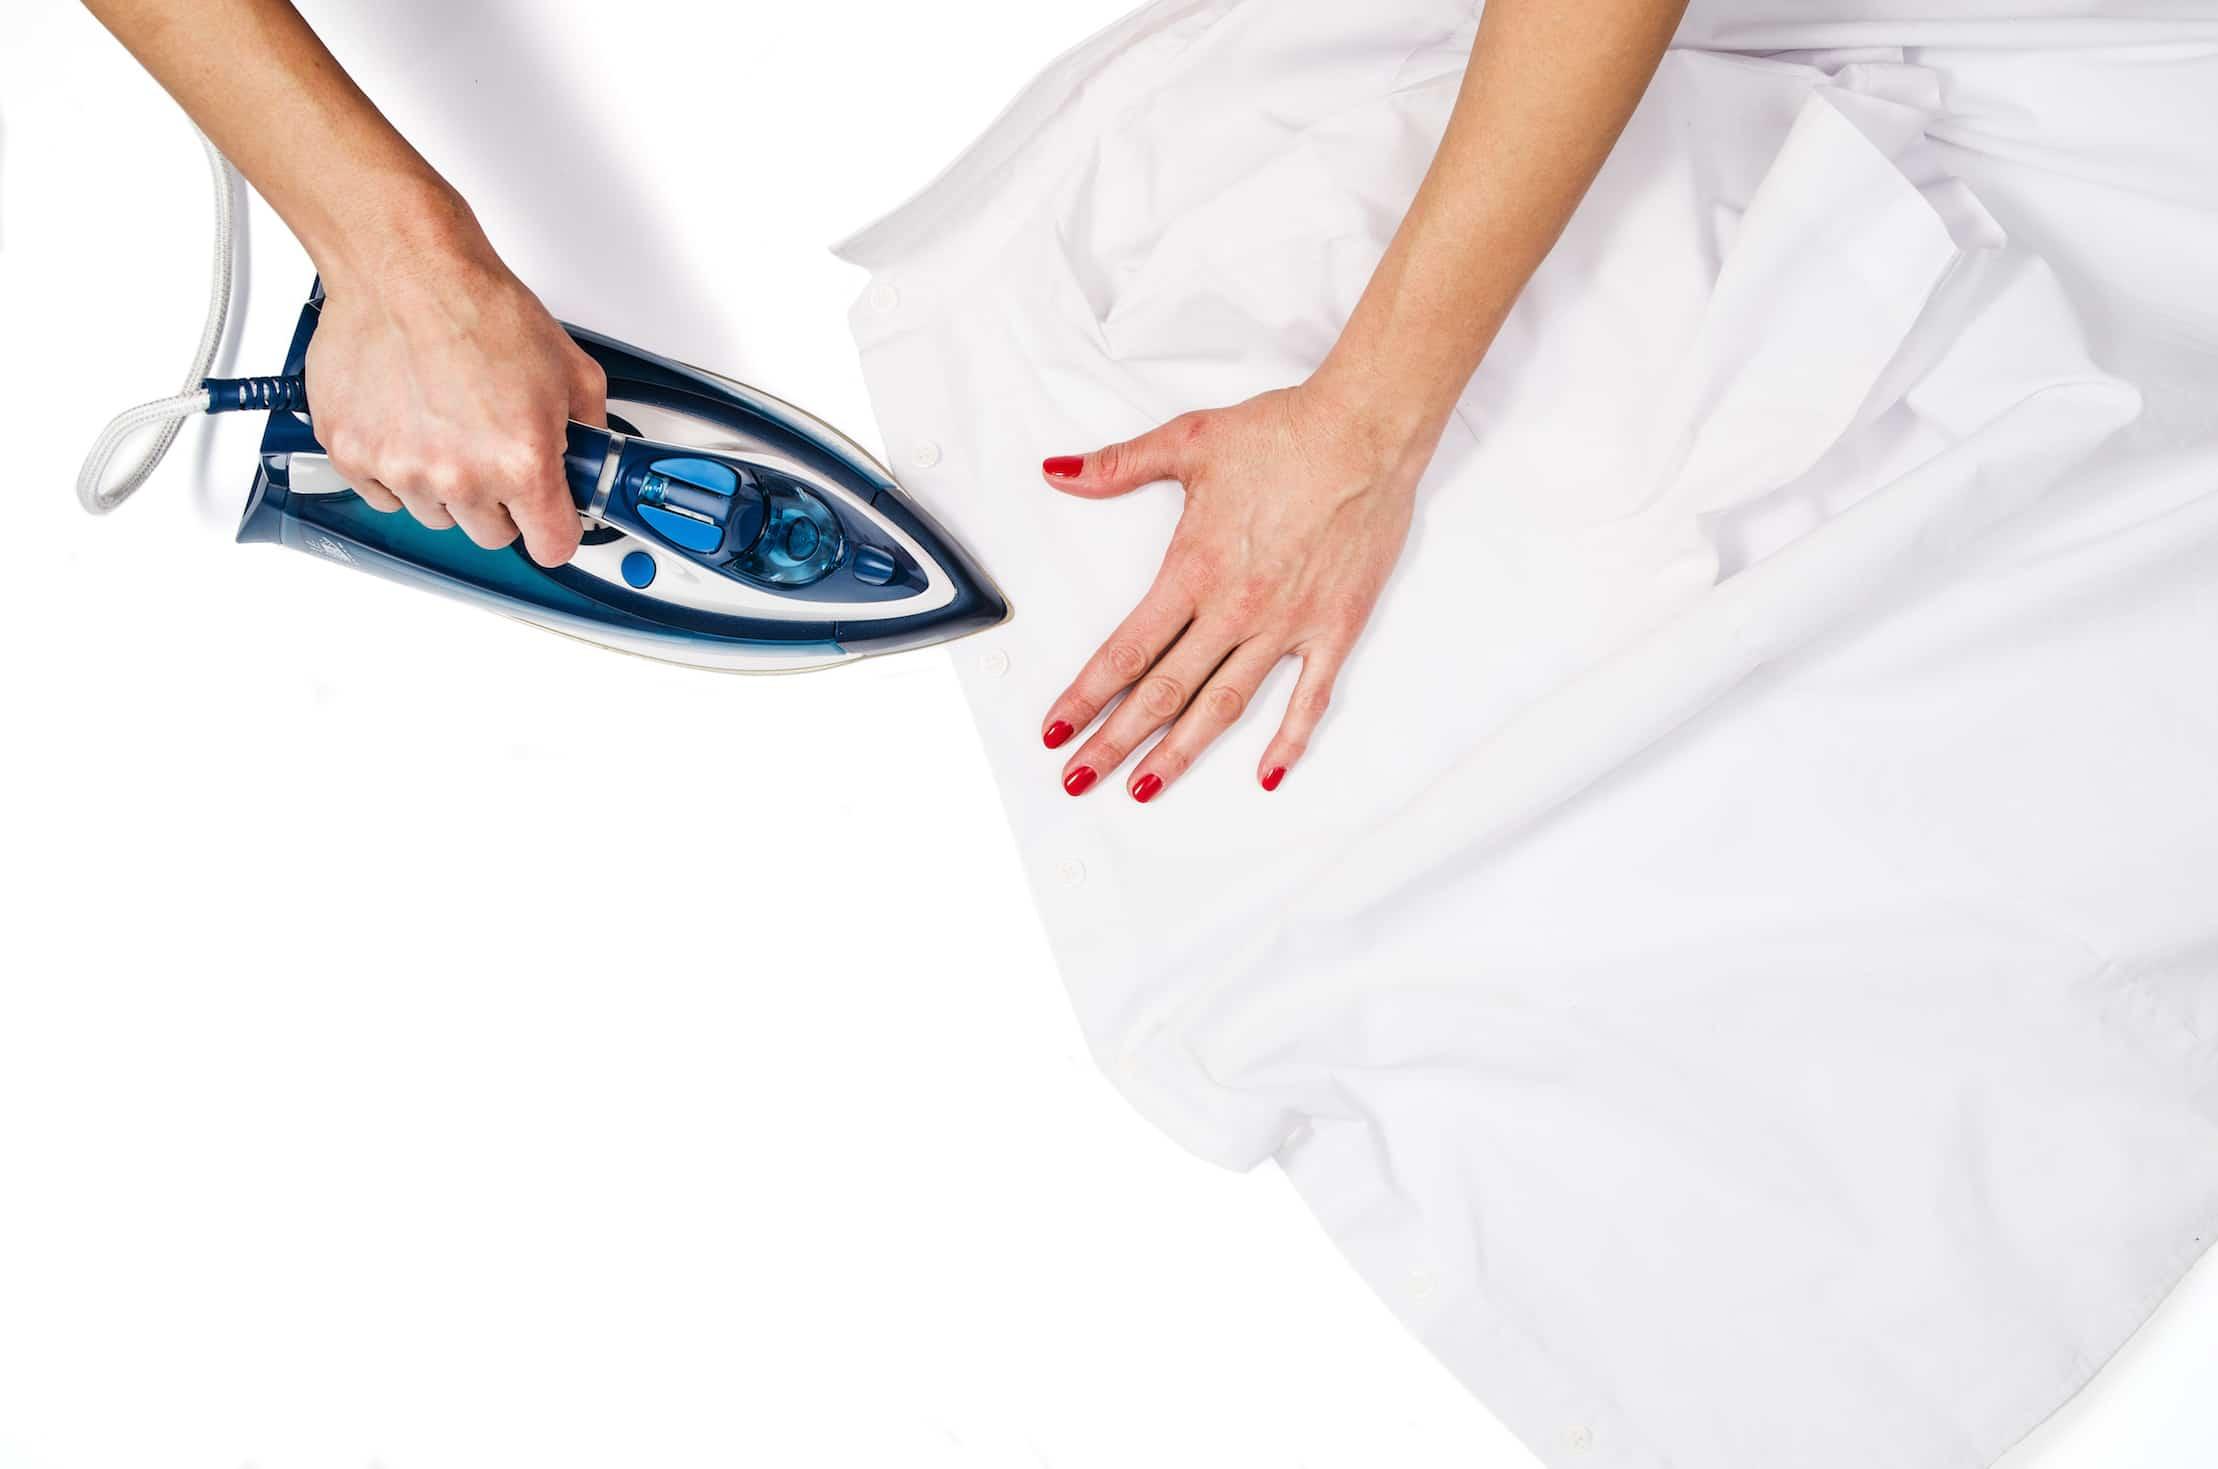 איך לנקות אבנית גם ממגהץ? אפשרי